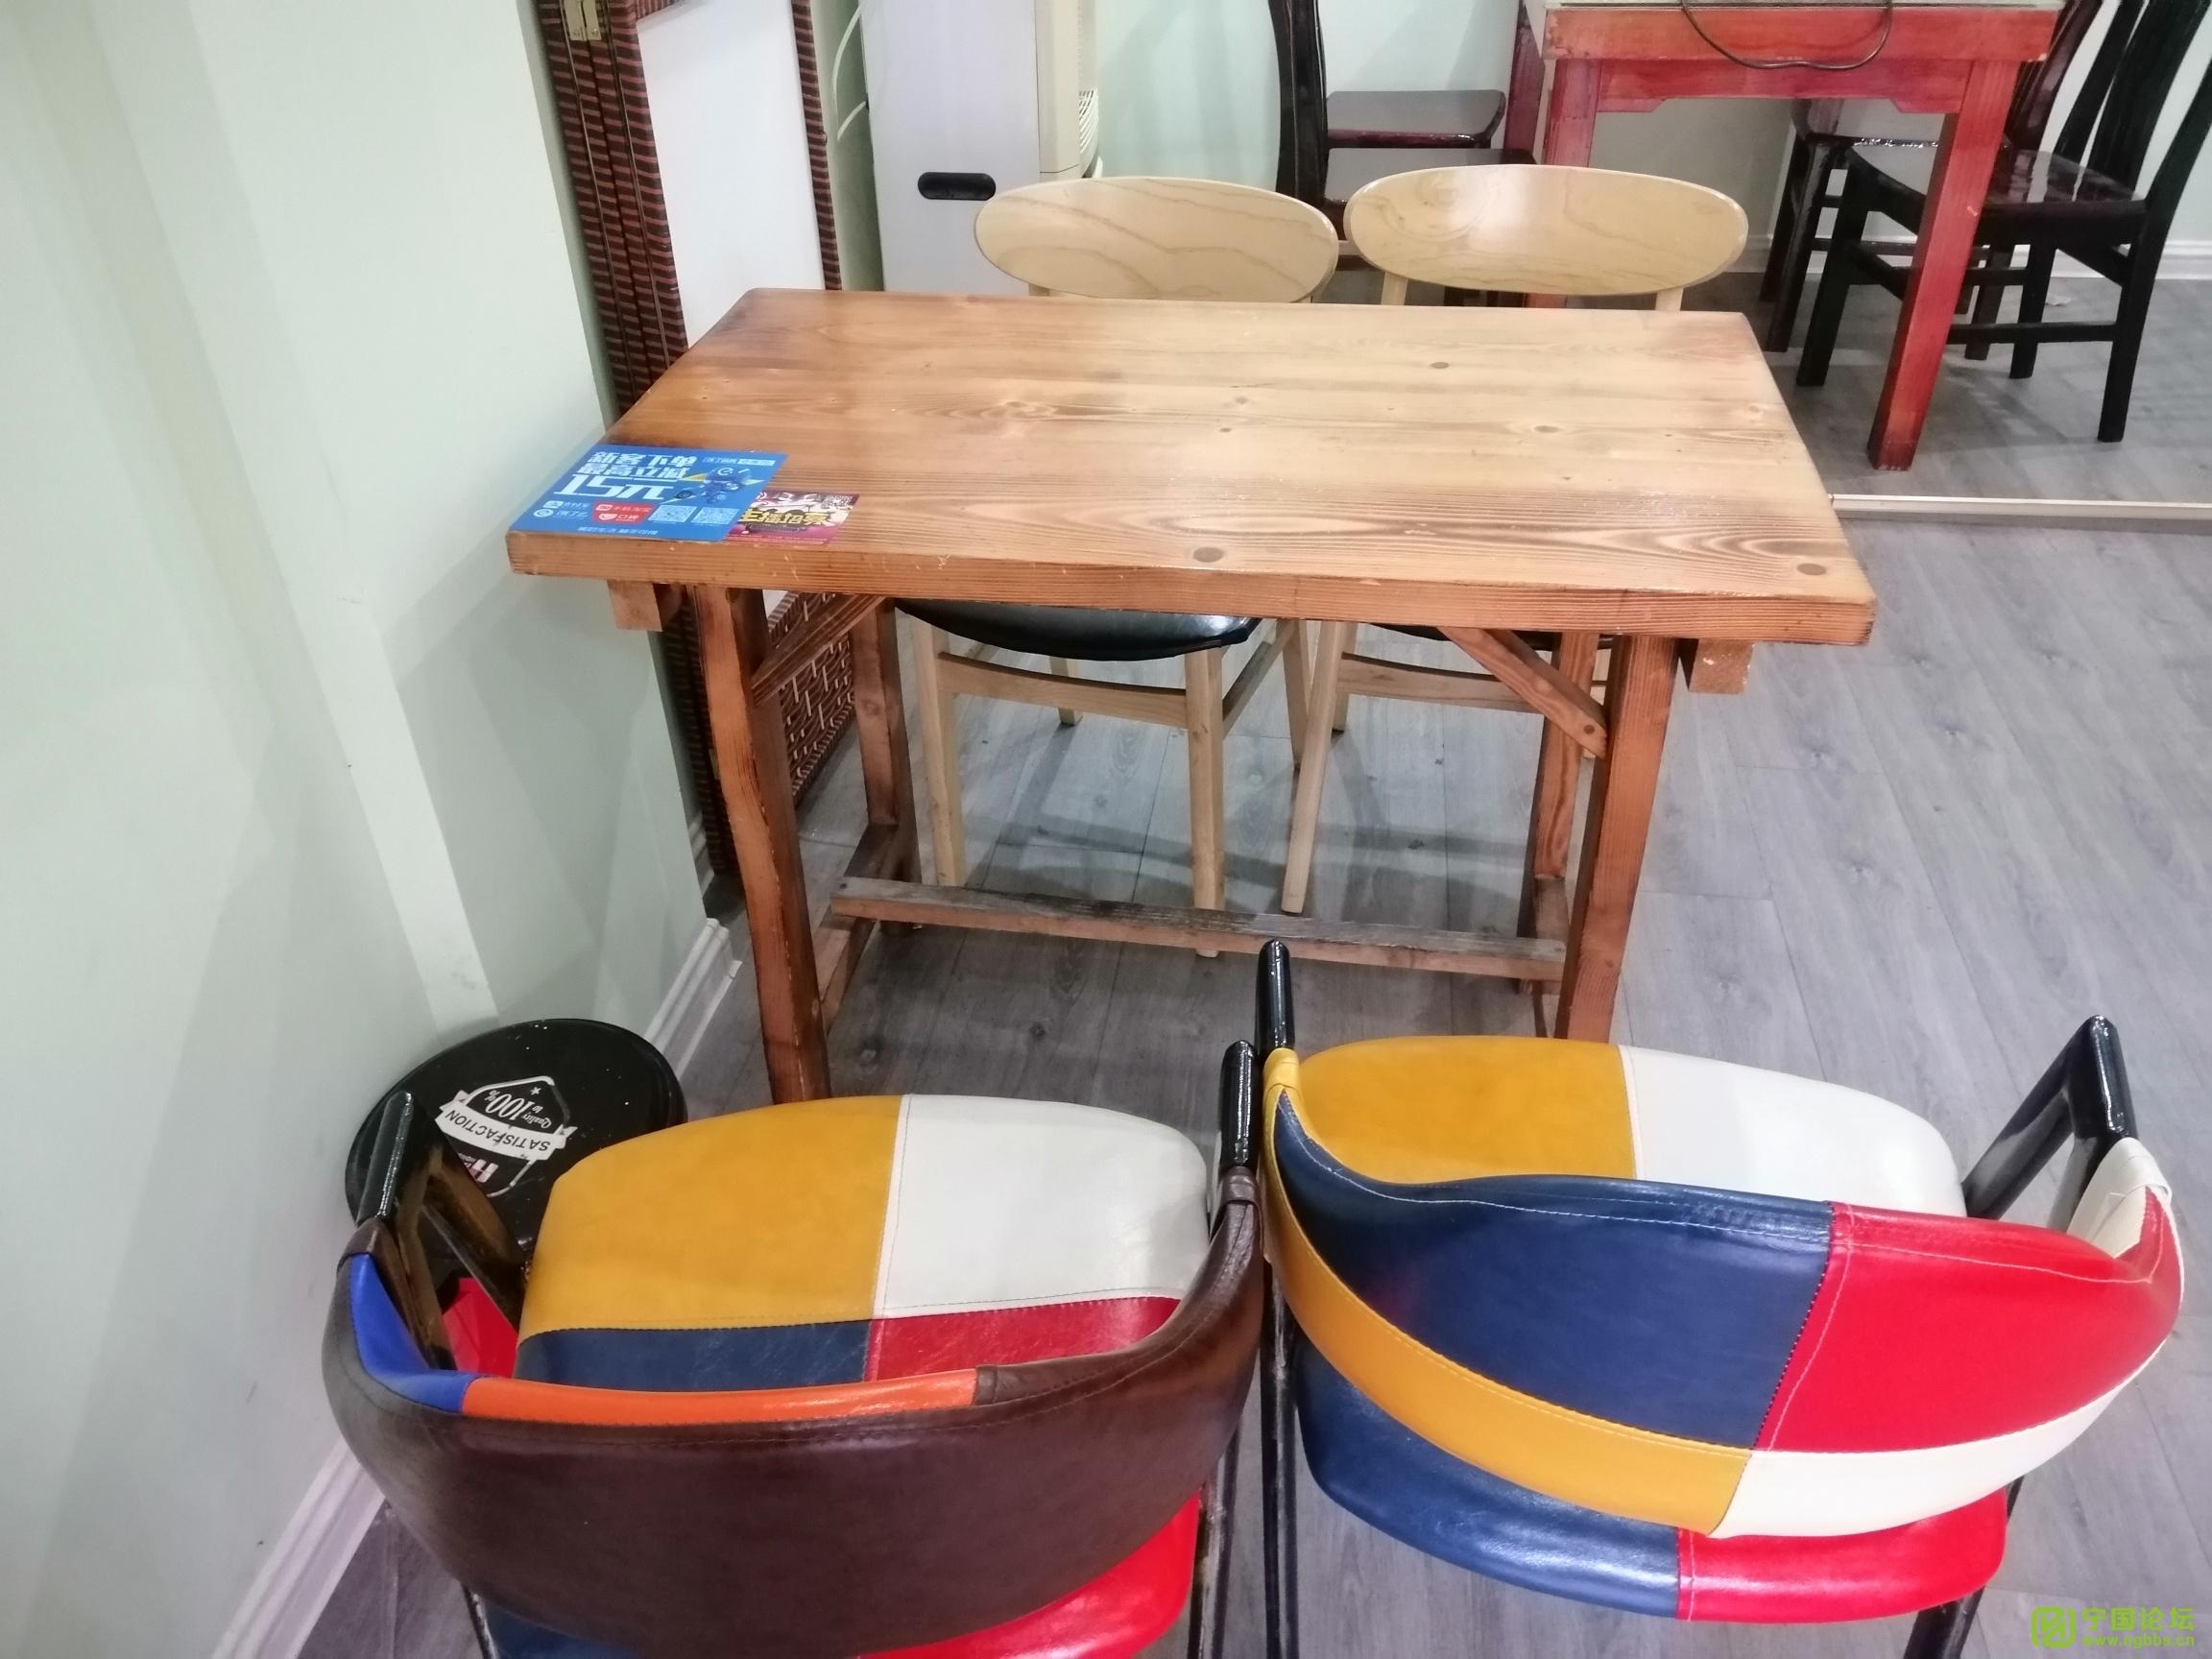 桌椅低价处理,有意者请联系180 - 宁国论坛 - 1602990624977682_641.jpg